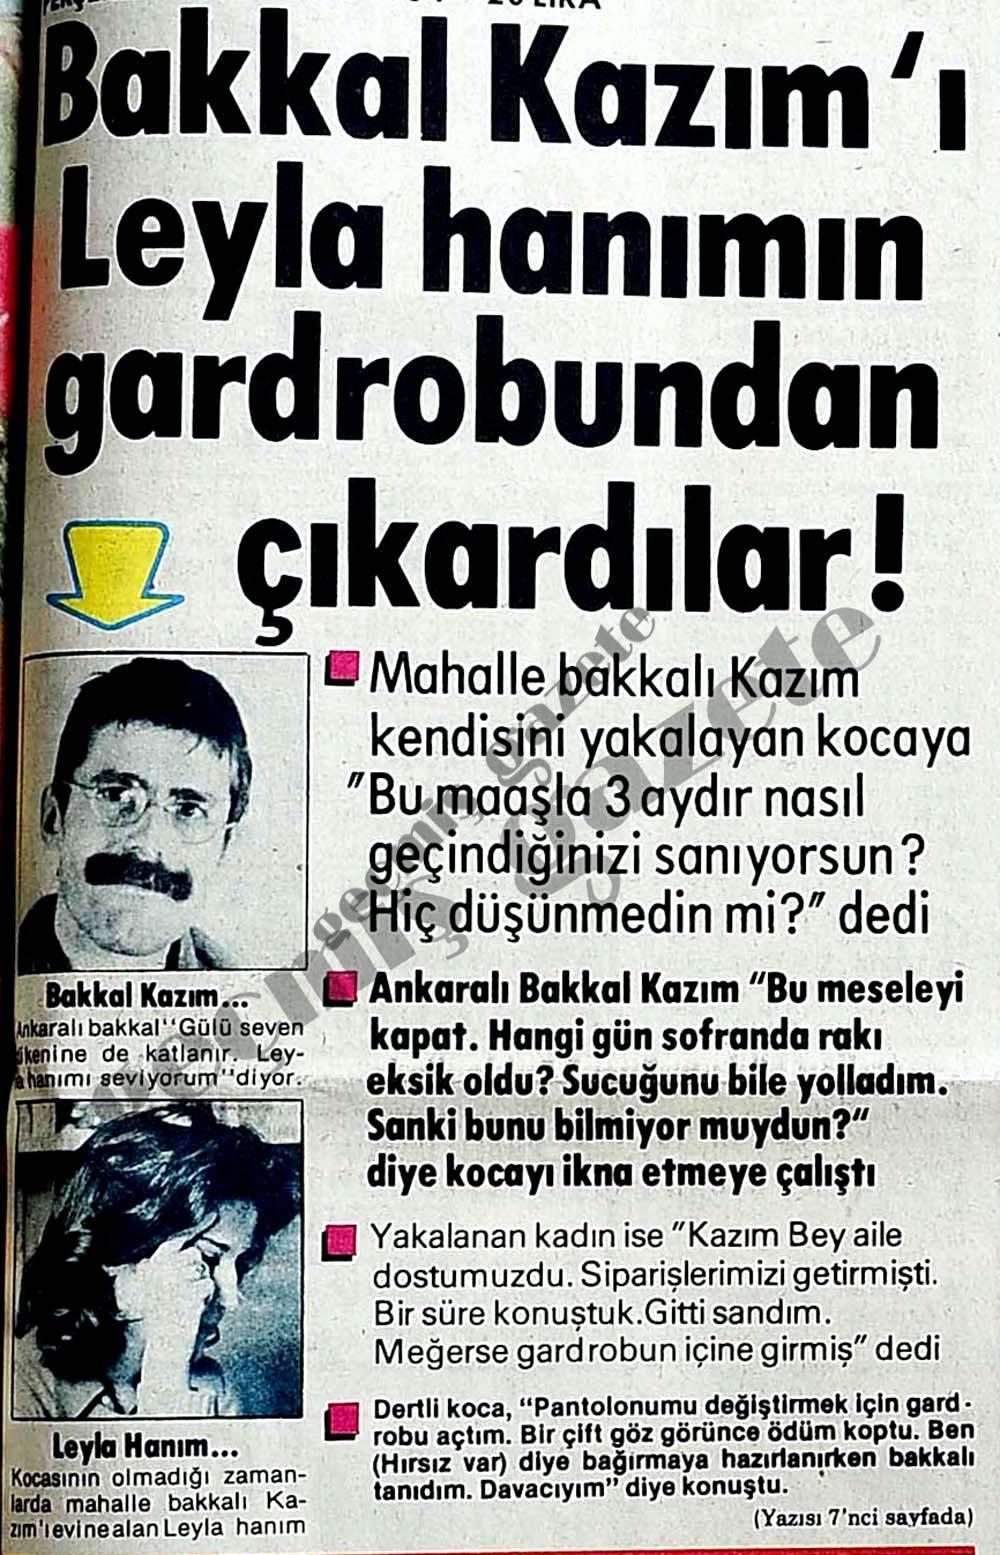 Bakkal Kazım'ı Leyla hanımın gardrobundan çıkardılar!